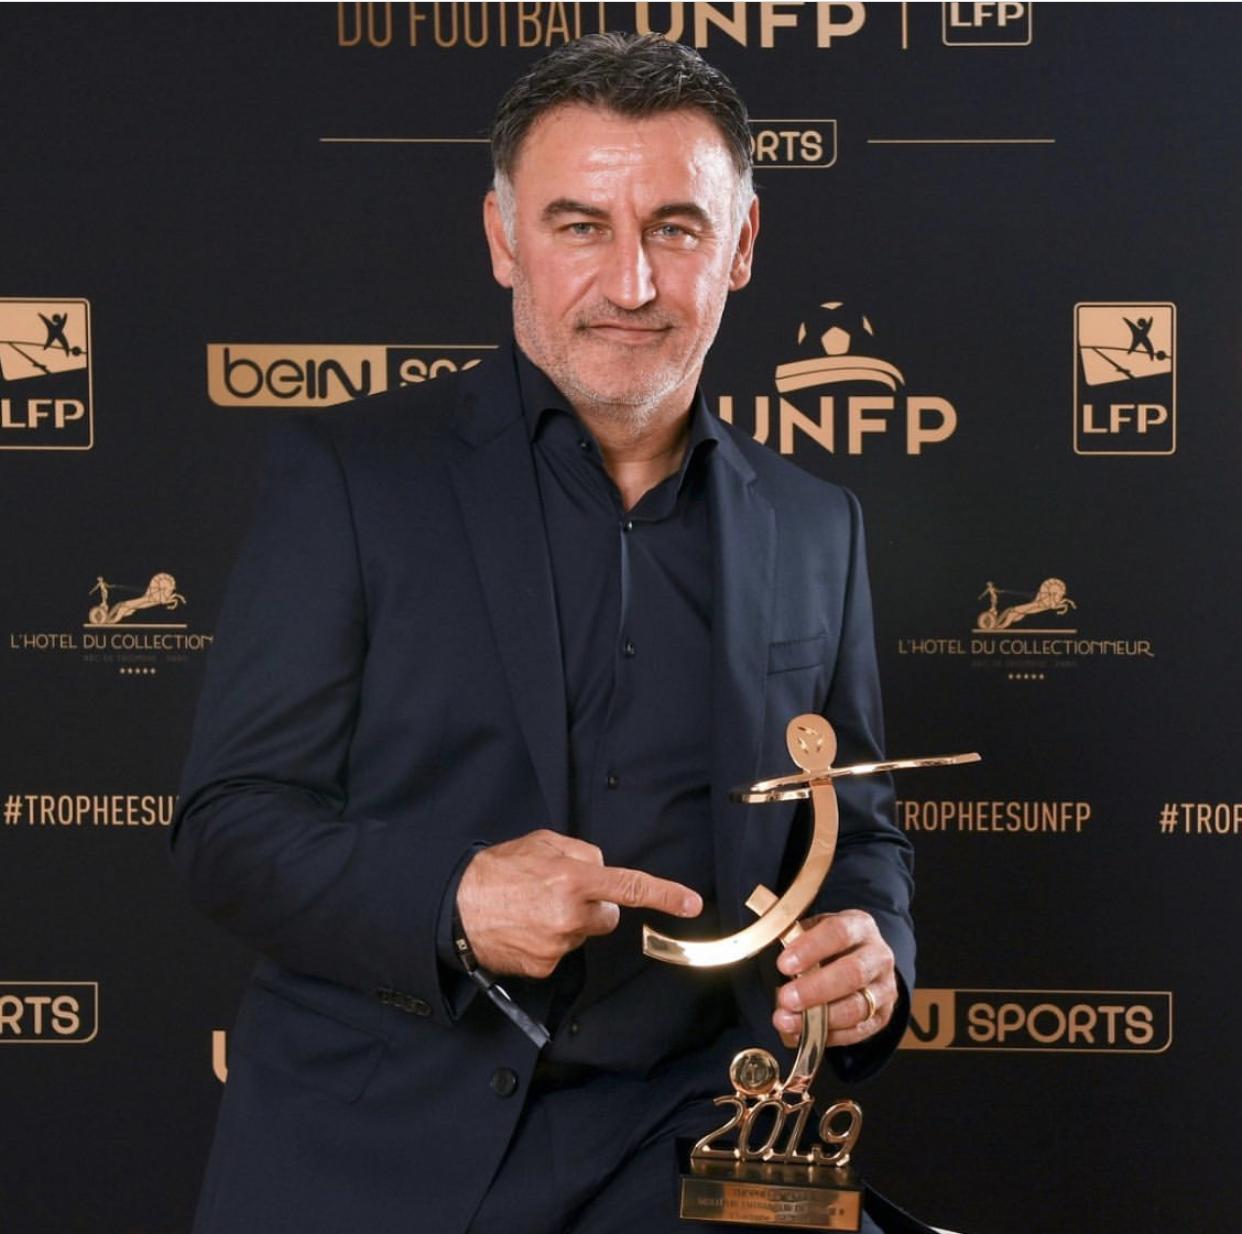 Trophée UNFP : L'entraîneur du Losc Christophe Galtier désigné meilleur coach de la saison